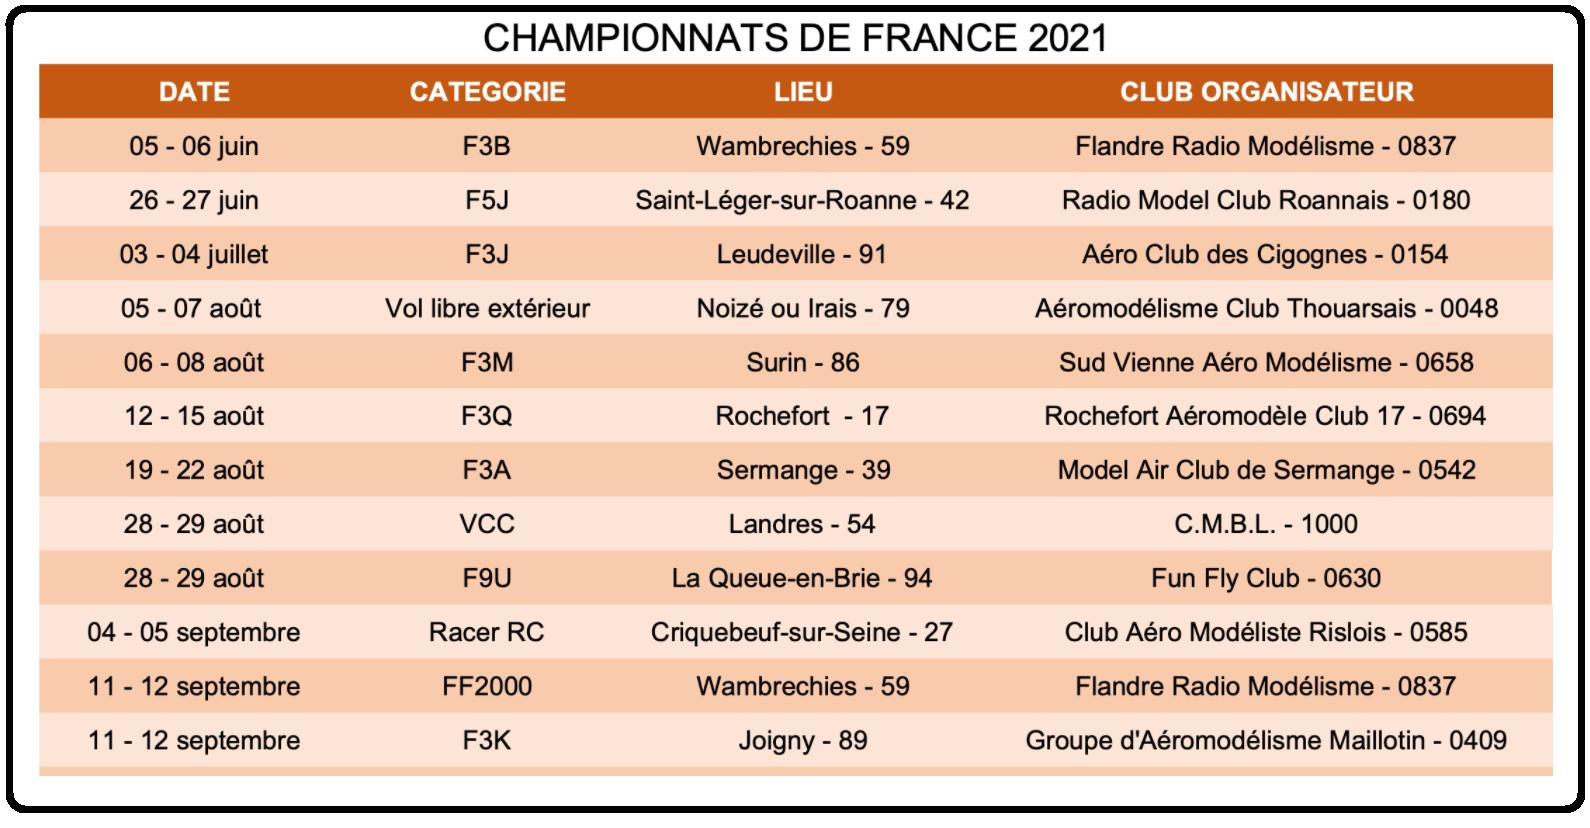 Championnat de france 2021